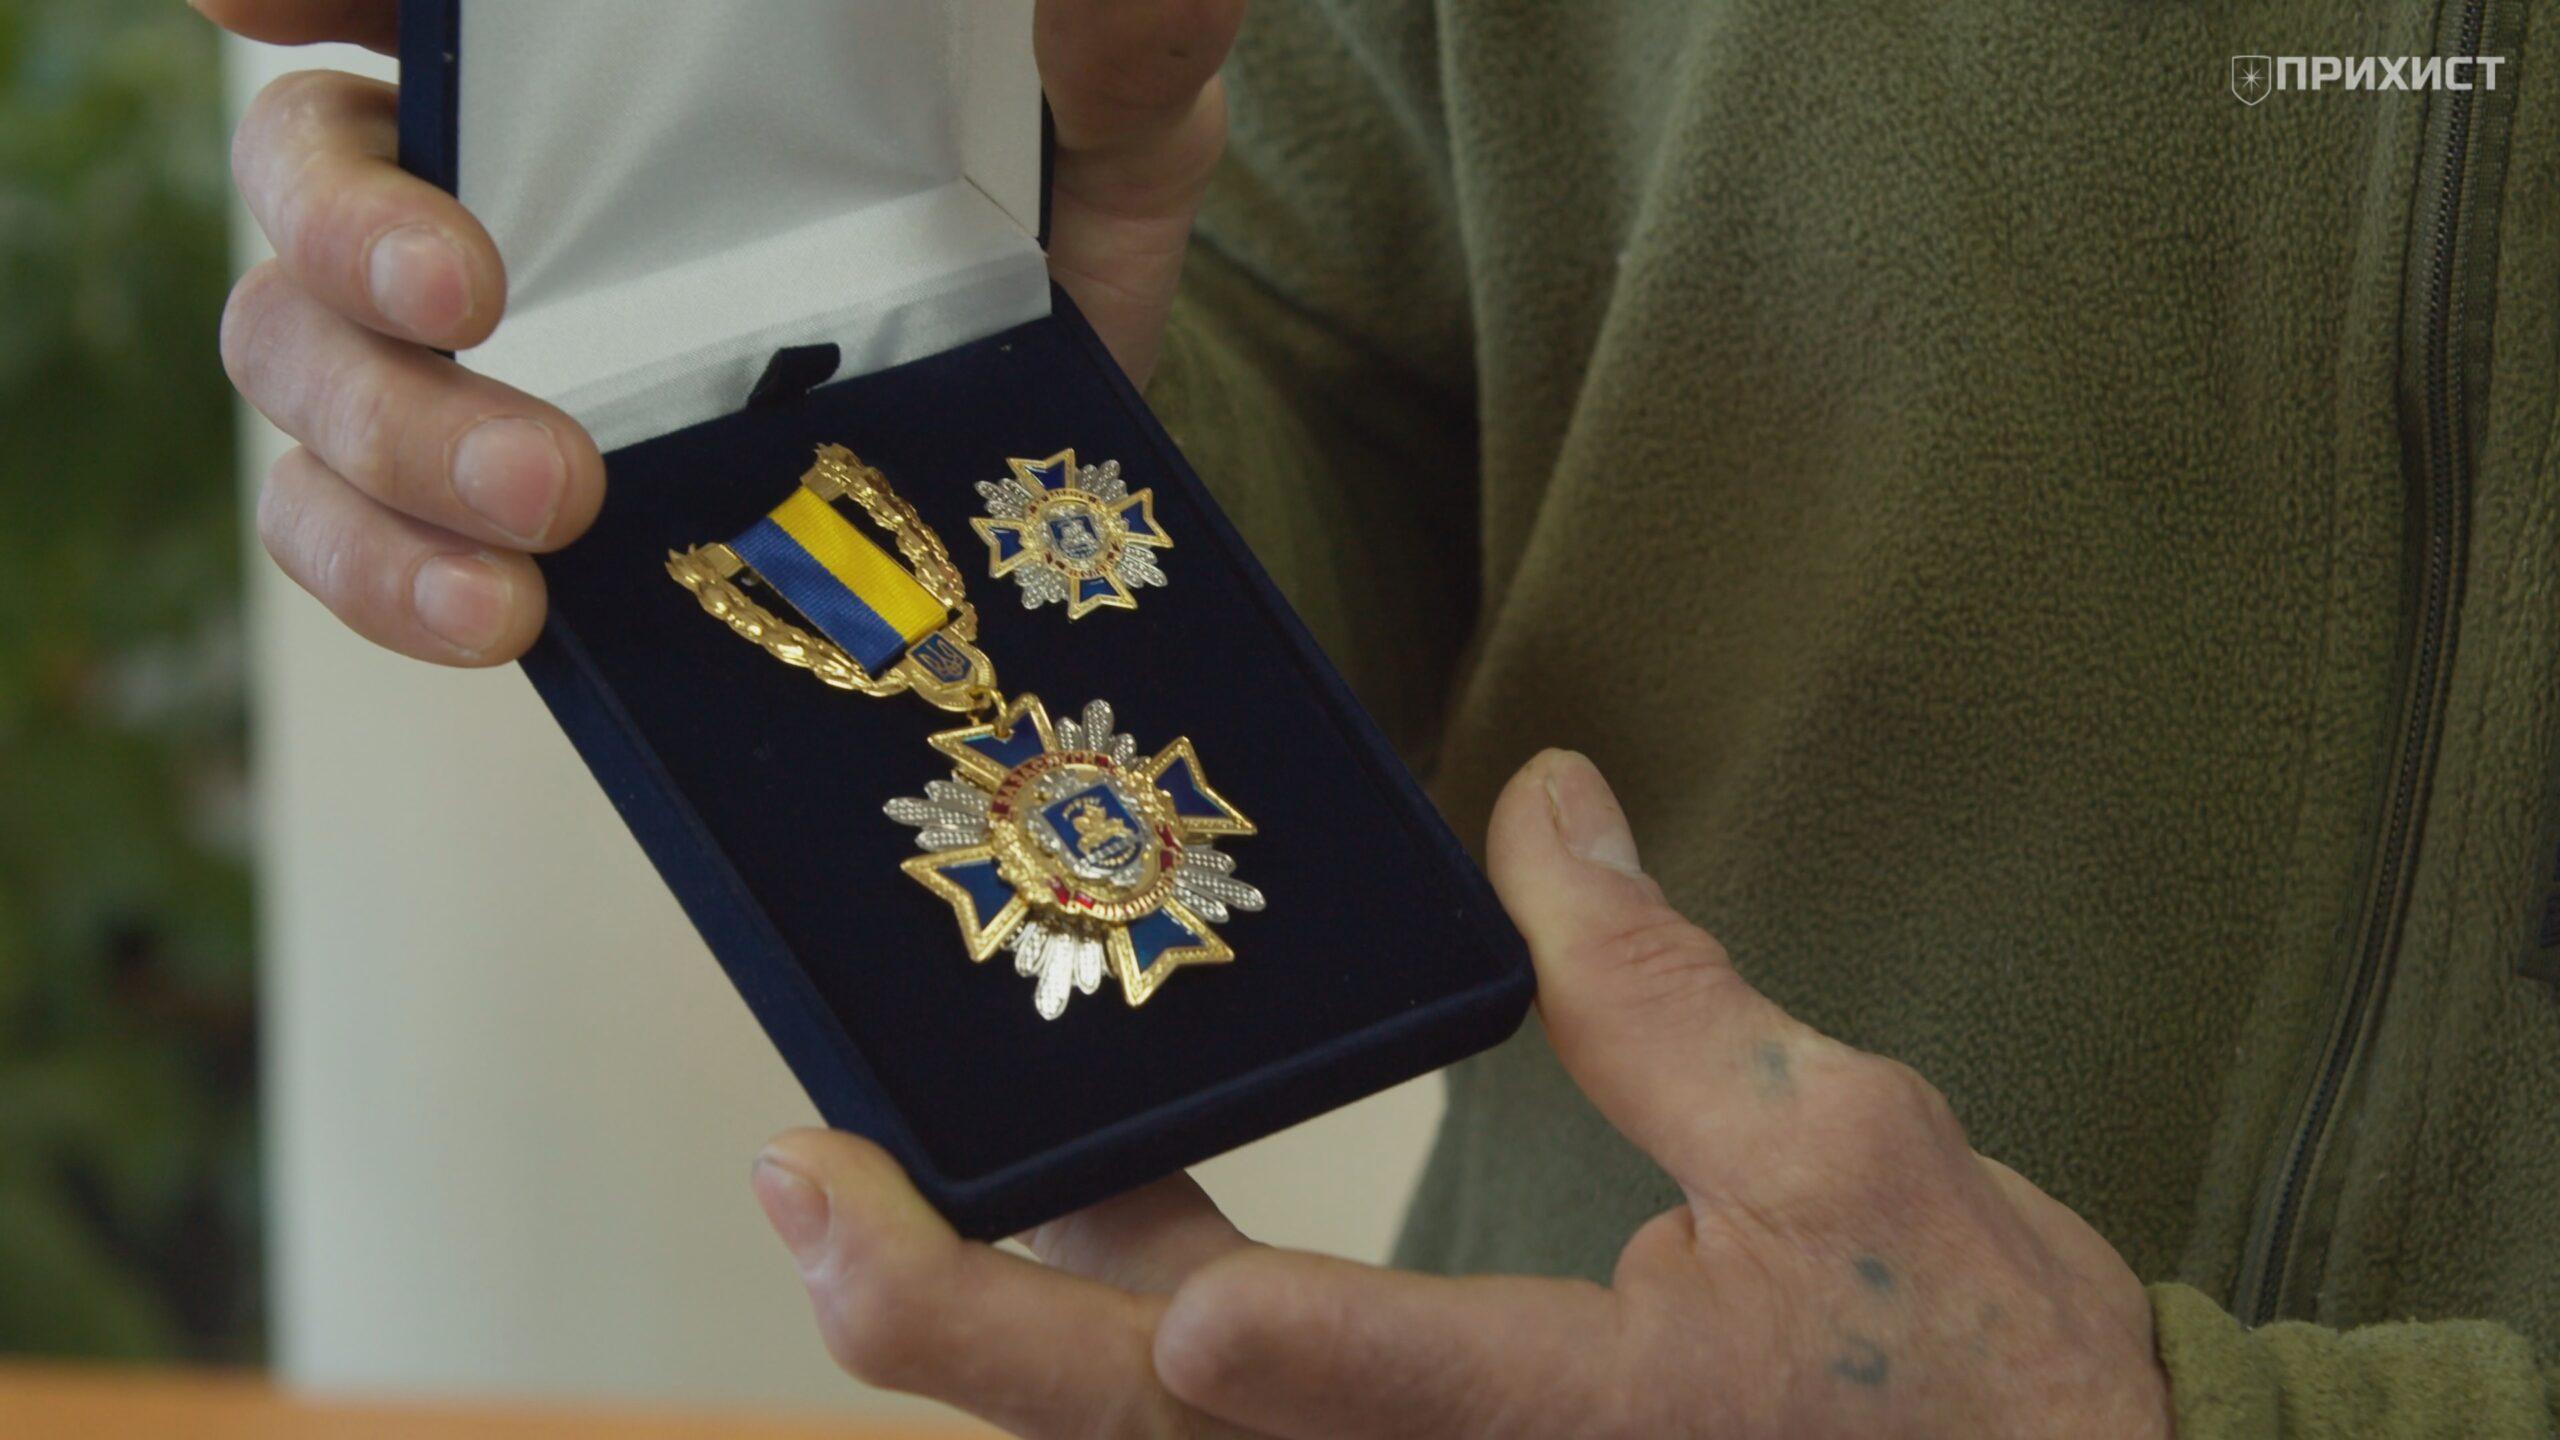 Награда нашла своего героя: в день рождения Сергею Каданцеву вручили медаль «За заслуги перед городом» | Прихист